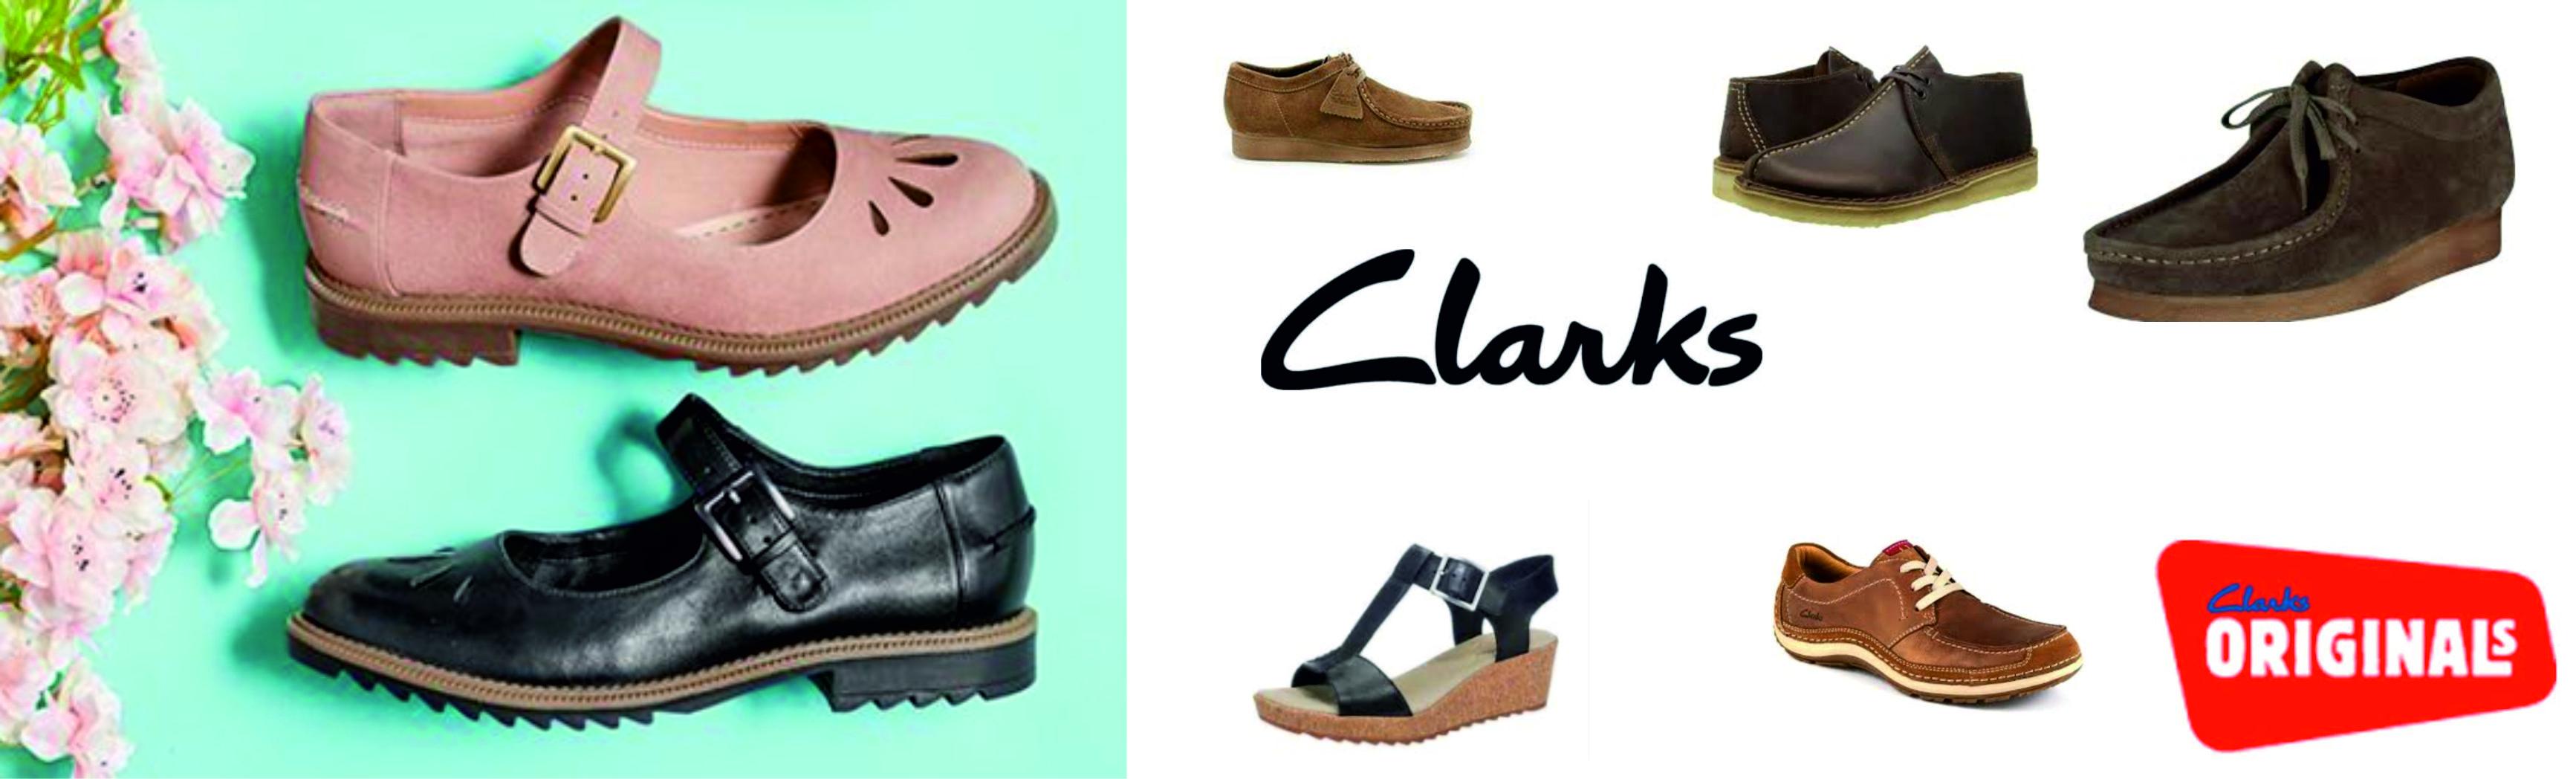 Clarks In Auswahl Schuhe24 Online Kaufen Schuhe Günstig Großer qzSFw4